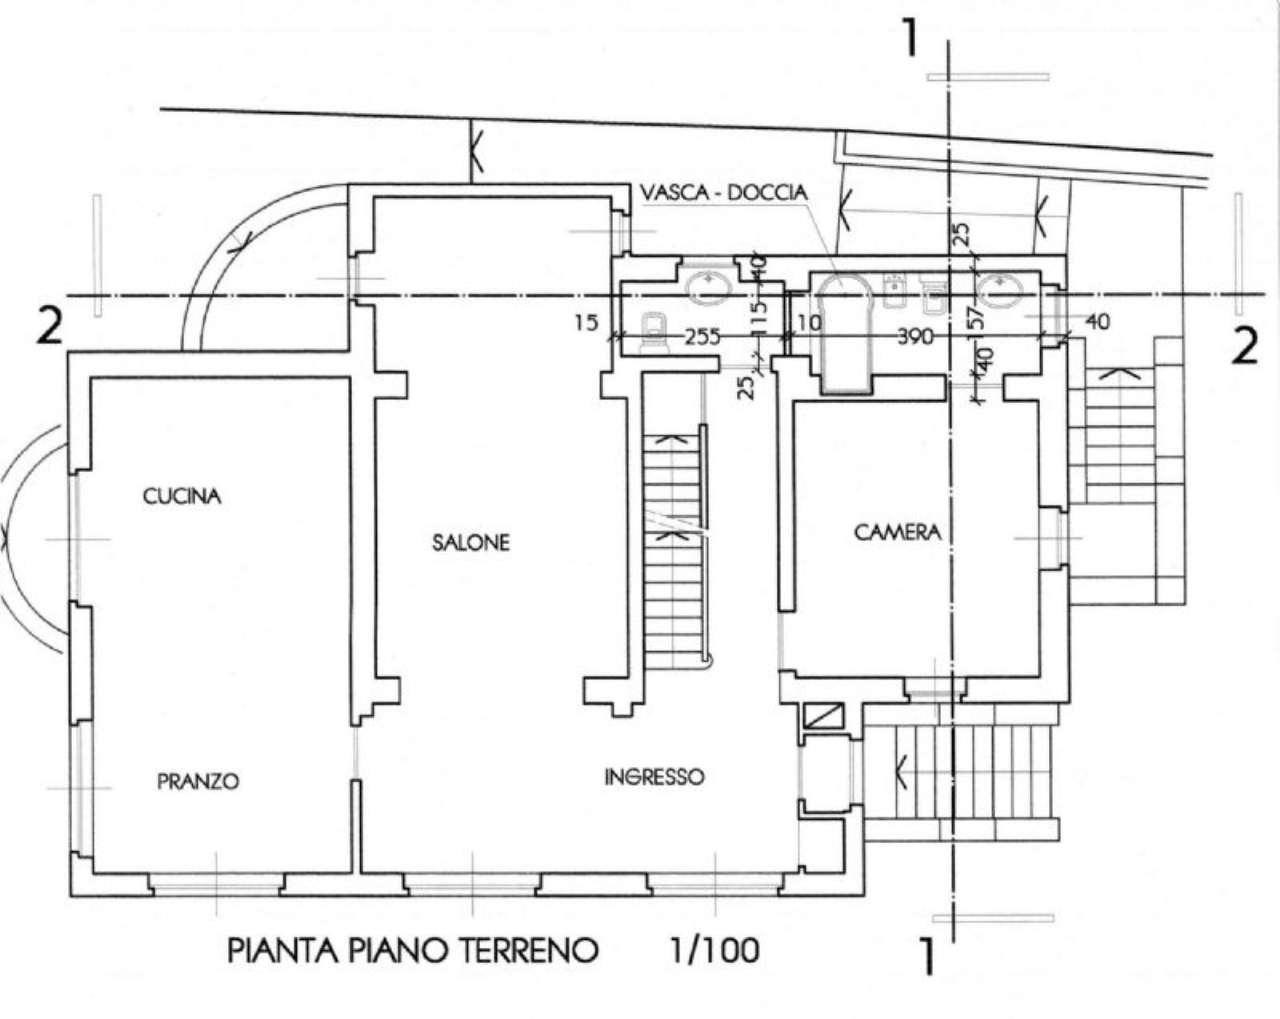 Pinerolo Vendita VILLA UNIFAMILIARE Immagine 1